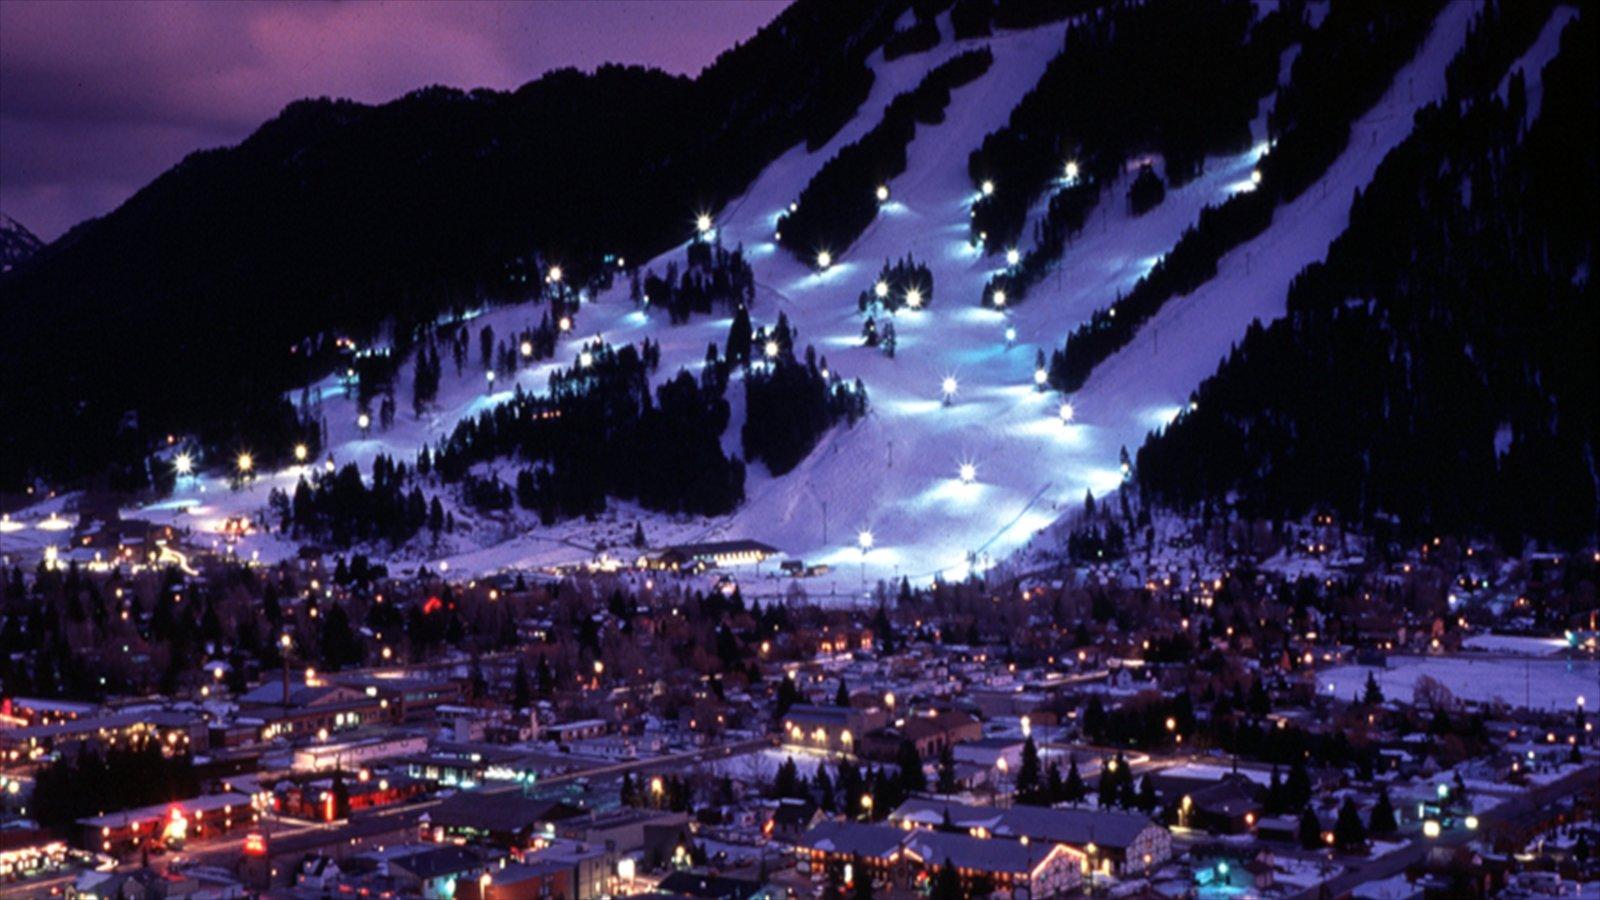 Jackson Hole ofreciendo montañas, nieve y escenas nocturnas